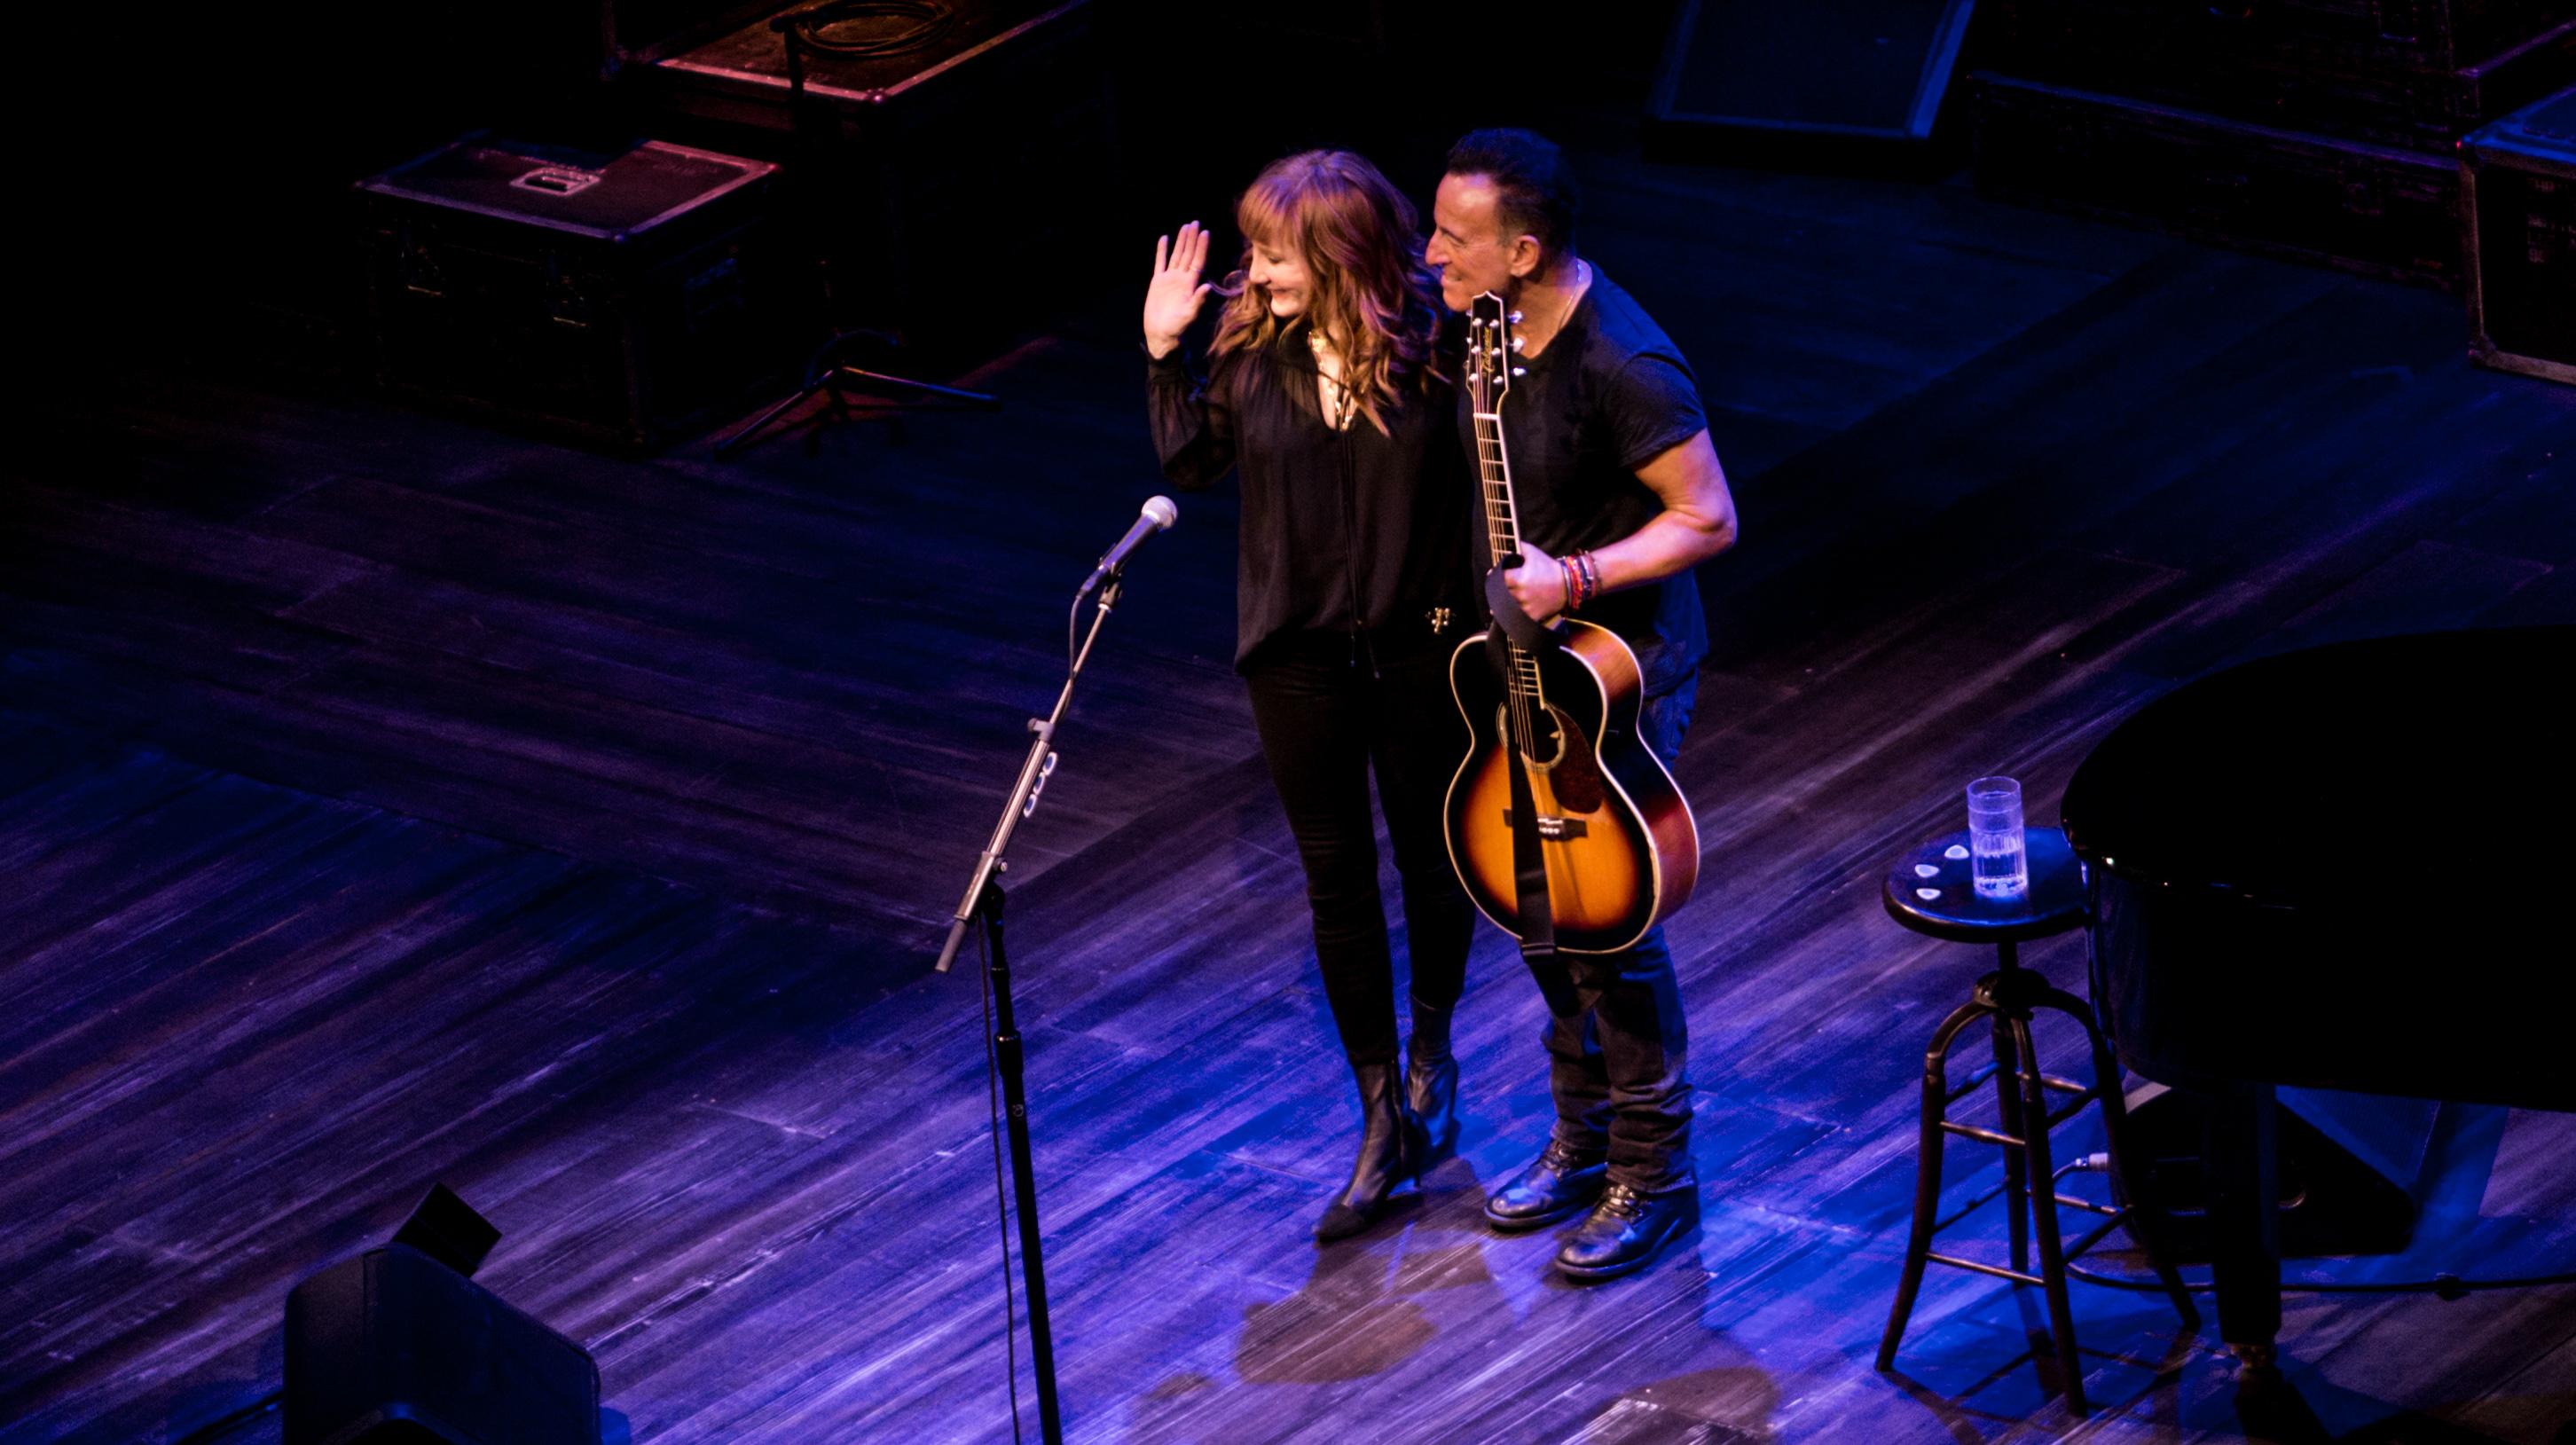 Donem la nota amb 'Springsteen on Broadway'